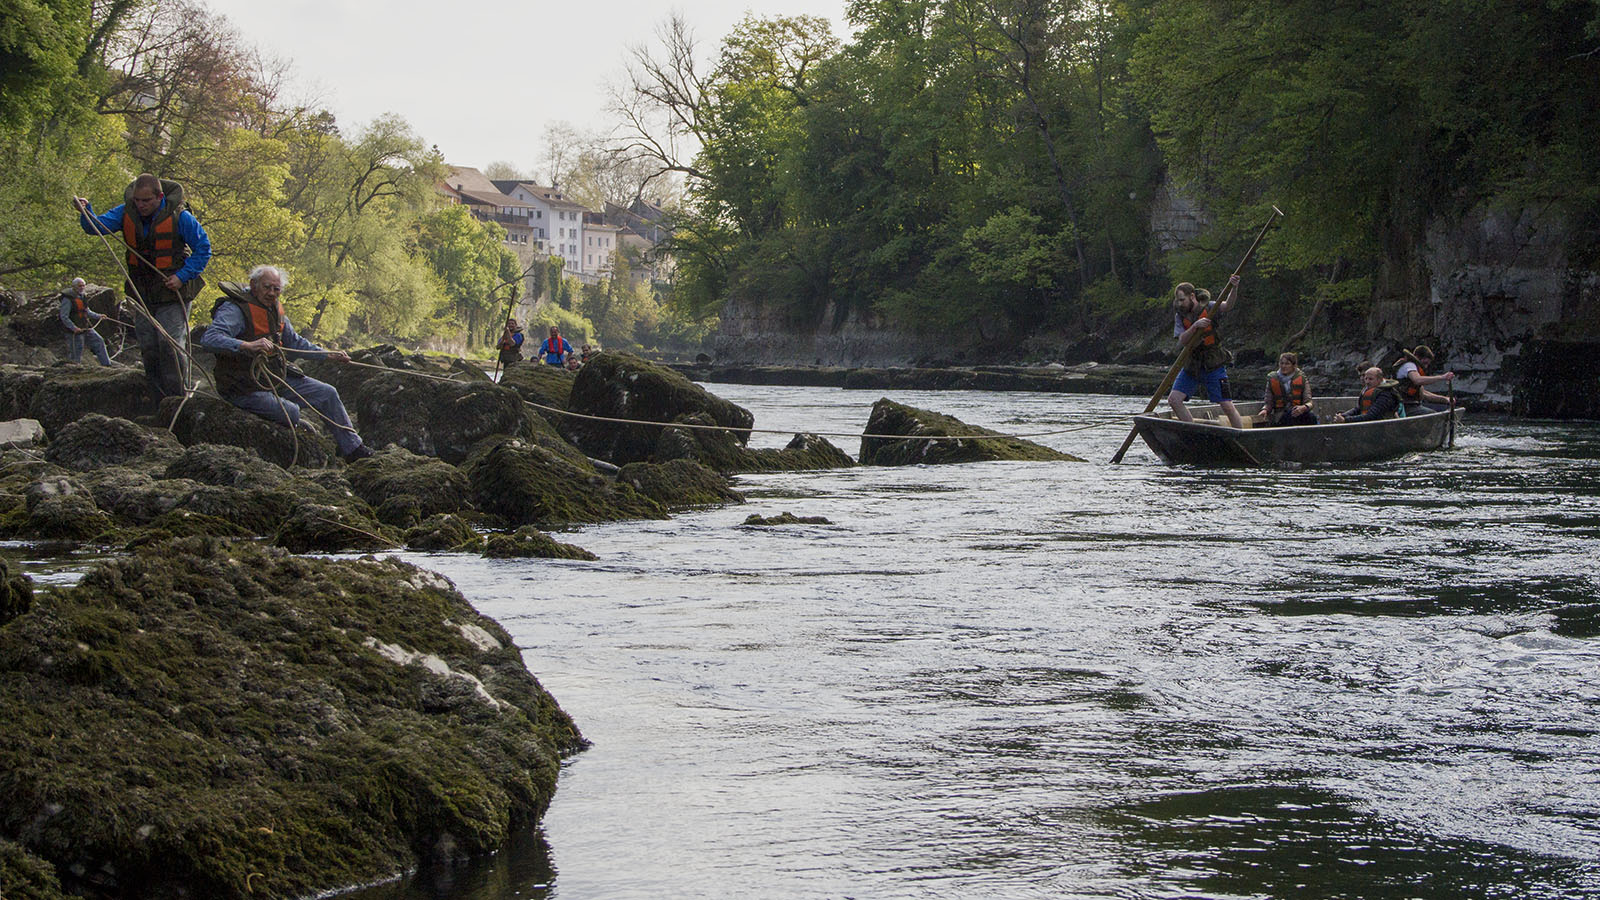 pontoniersportverein-brugg_chäschüechlifahrt-april-2017_aareschlucht_übersetzboot_spanntau_felsen_moos